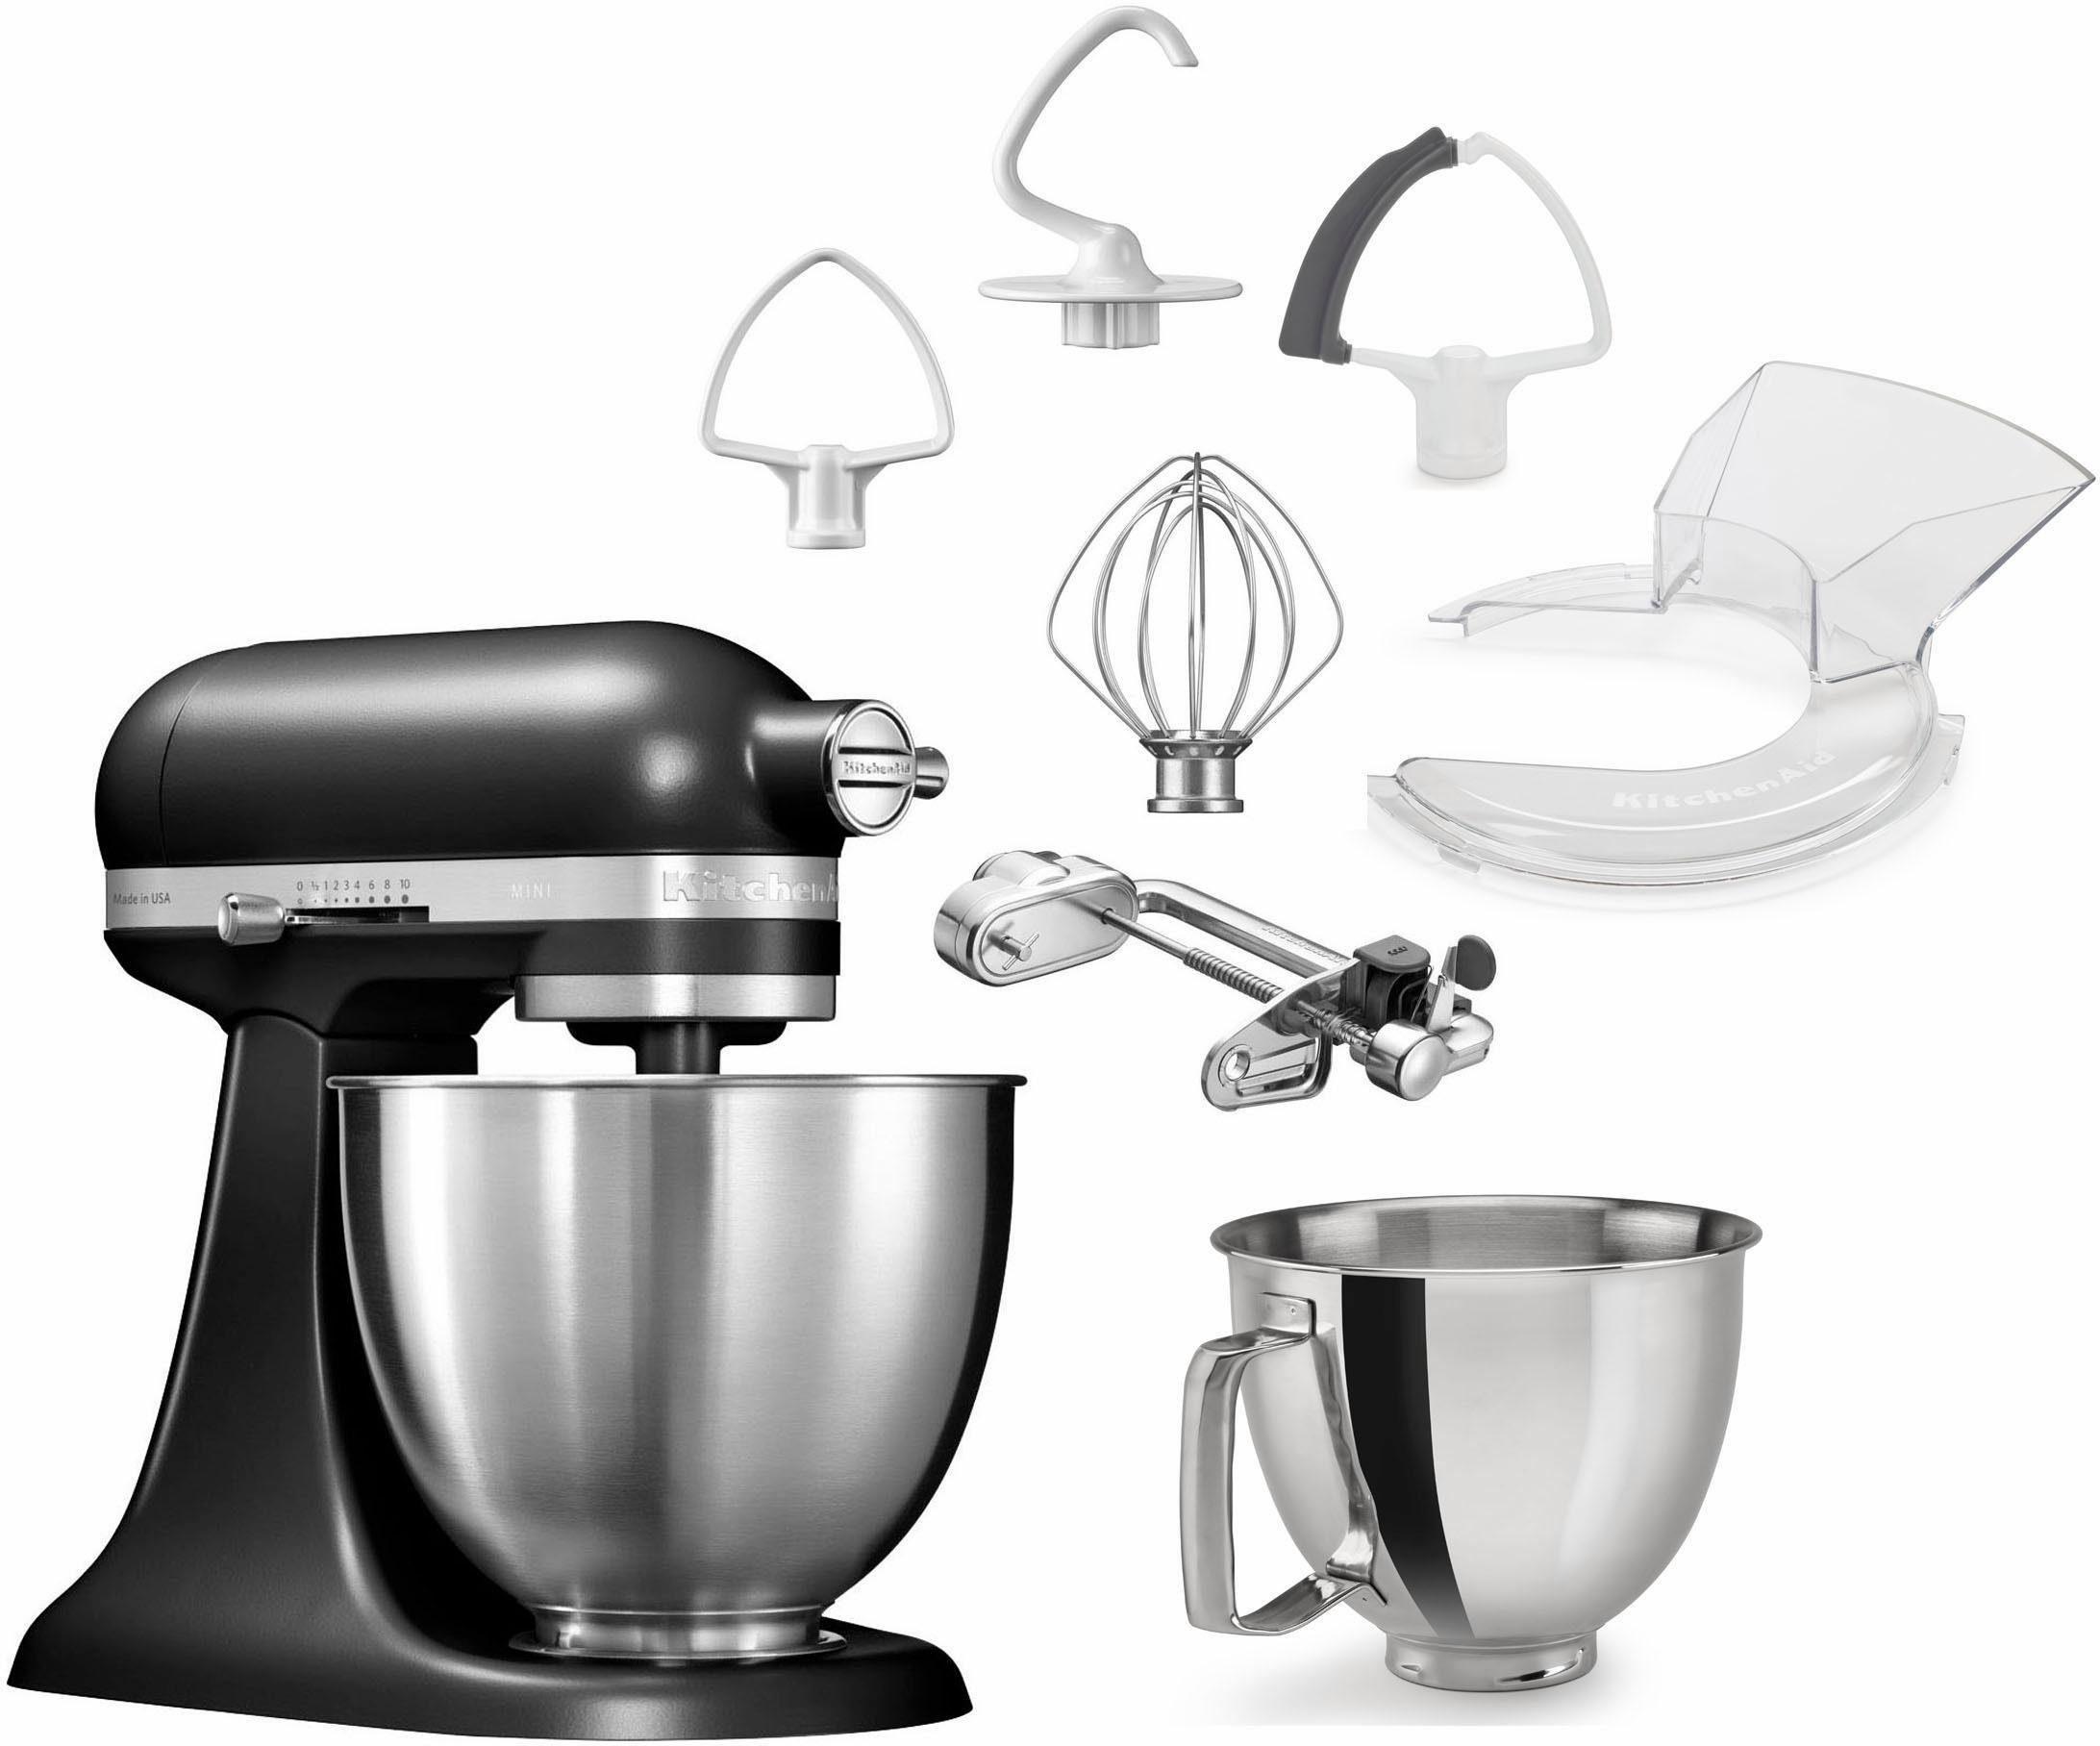 KitchenAid® Küchenmaschine Mini 5KSM3311XEBM, mit Sonderzubehör im Wert von 279,-€ UVP